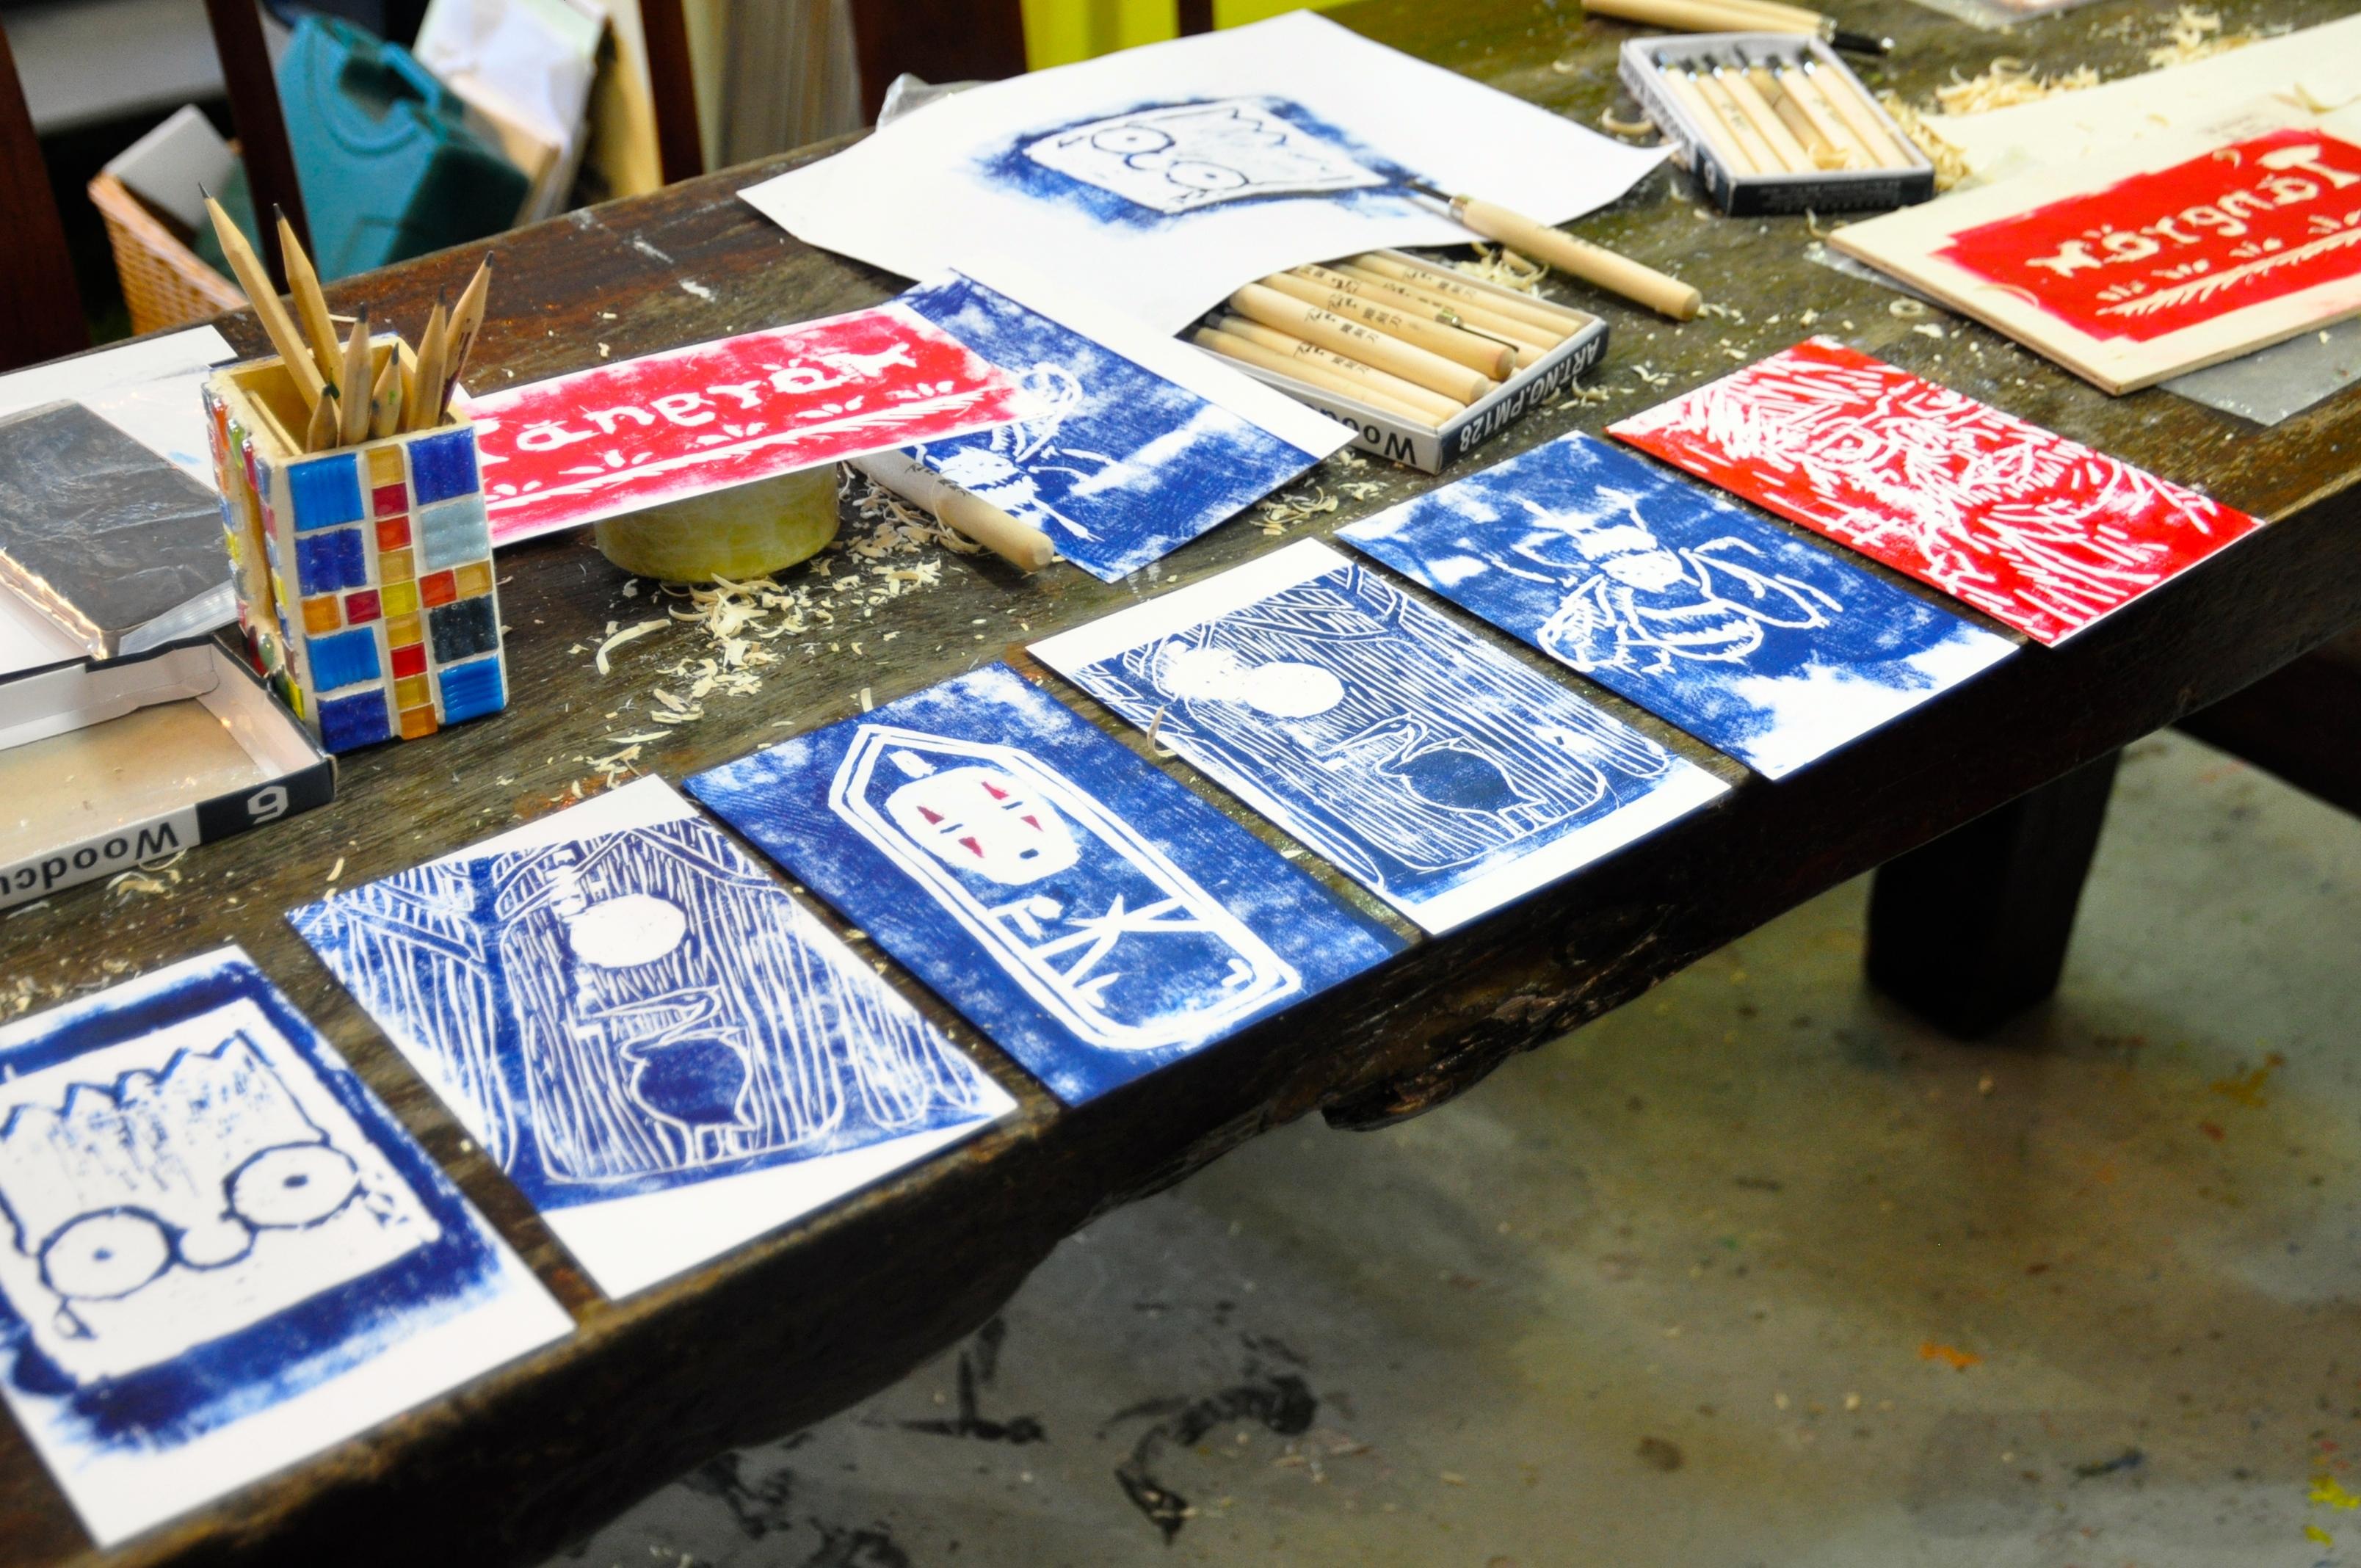 環保袋版畫藝術工作坊 -  - K11